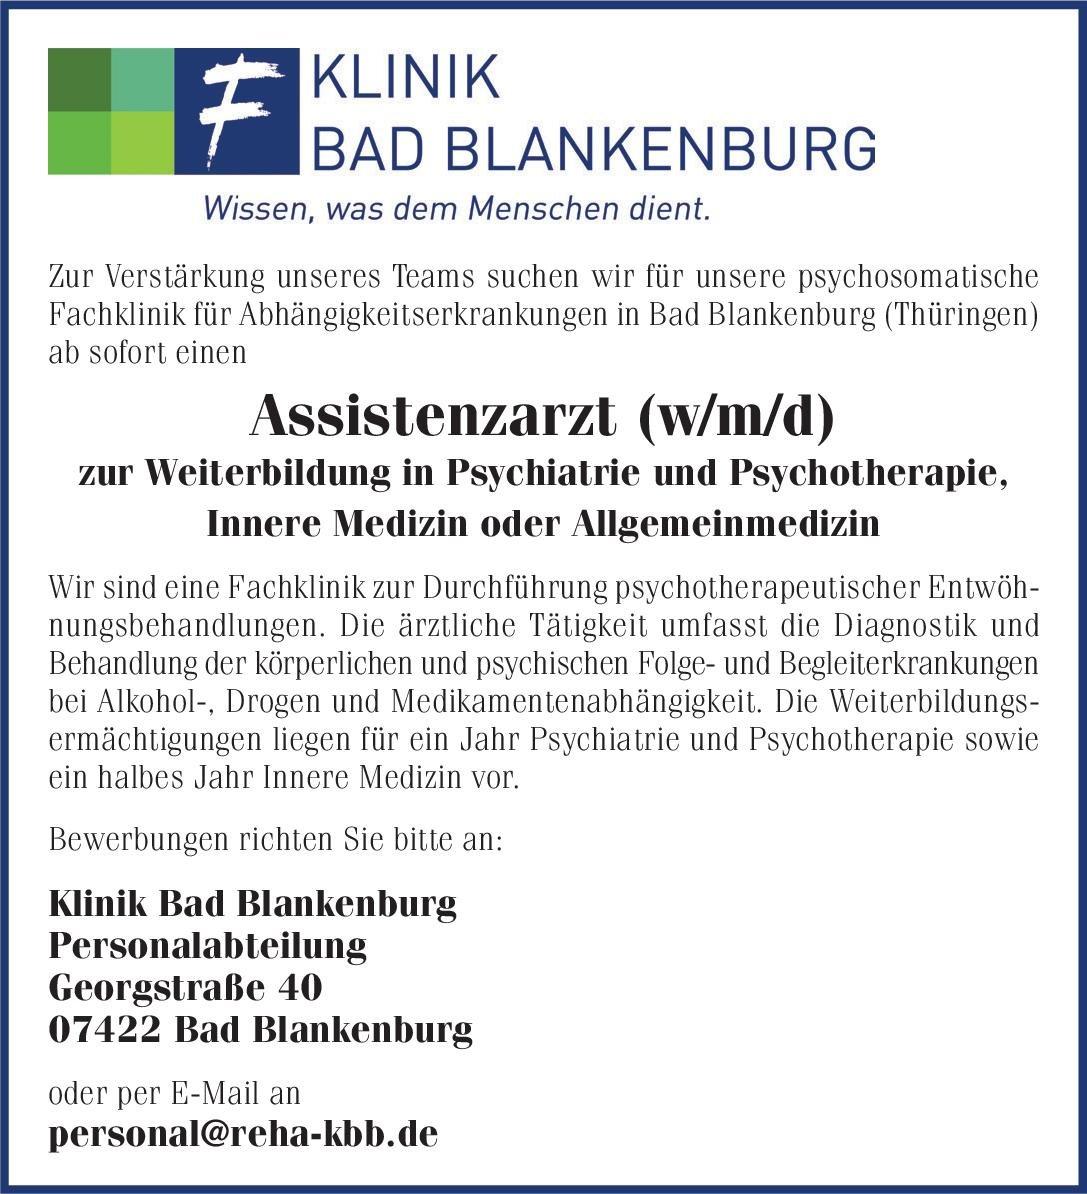 Klinik Bad Blankenburg Assistenzarzt (w/m/d) zur Weiterbildung in Psychiatrie und Psychotherapie, Innere Medizin oder Allgemeinmedizin  Innere Medizin, Psychiatrie und Psychotherapie, Allgemeinmedizin Assistenzarzt / Arzt in Weiterbildung